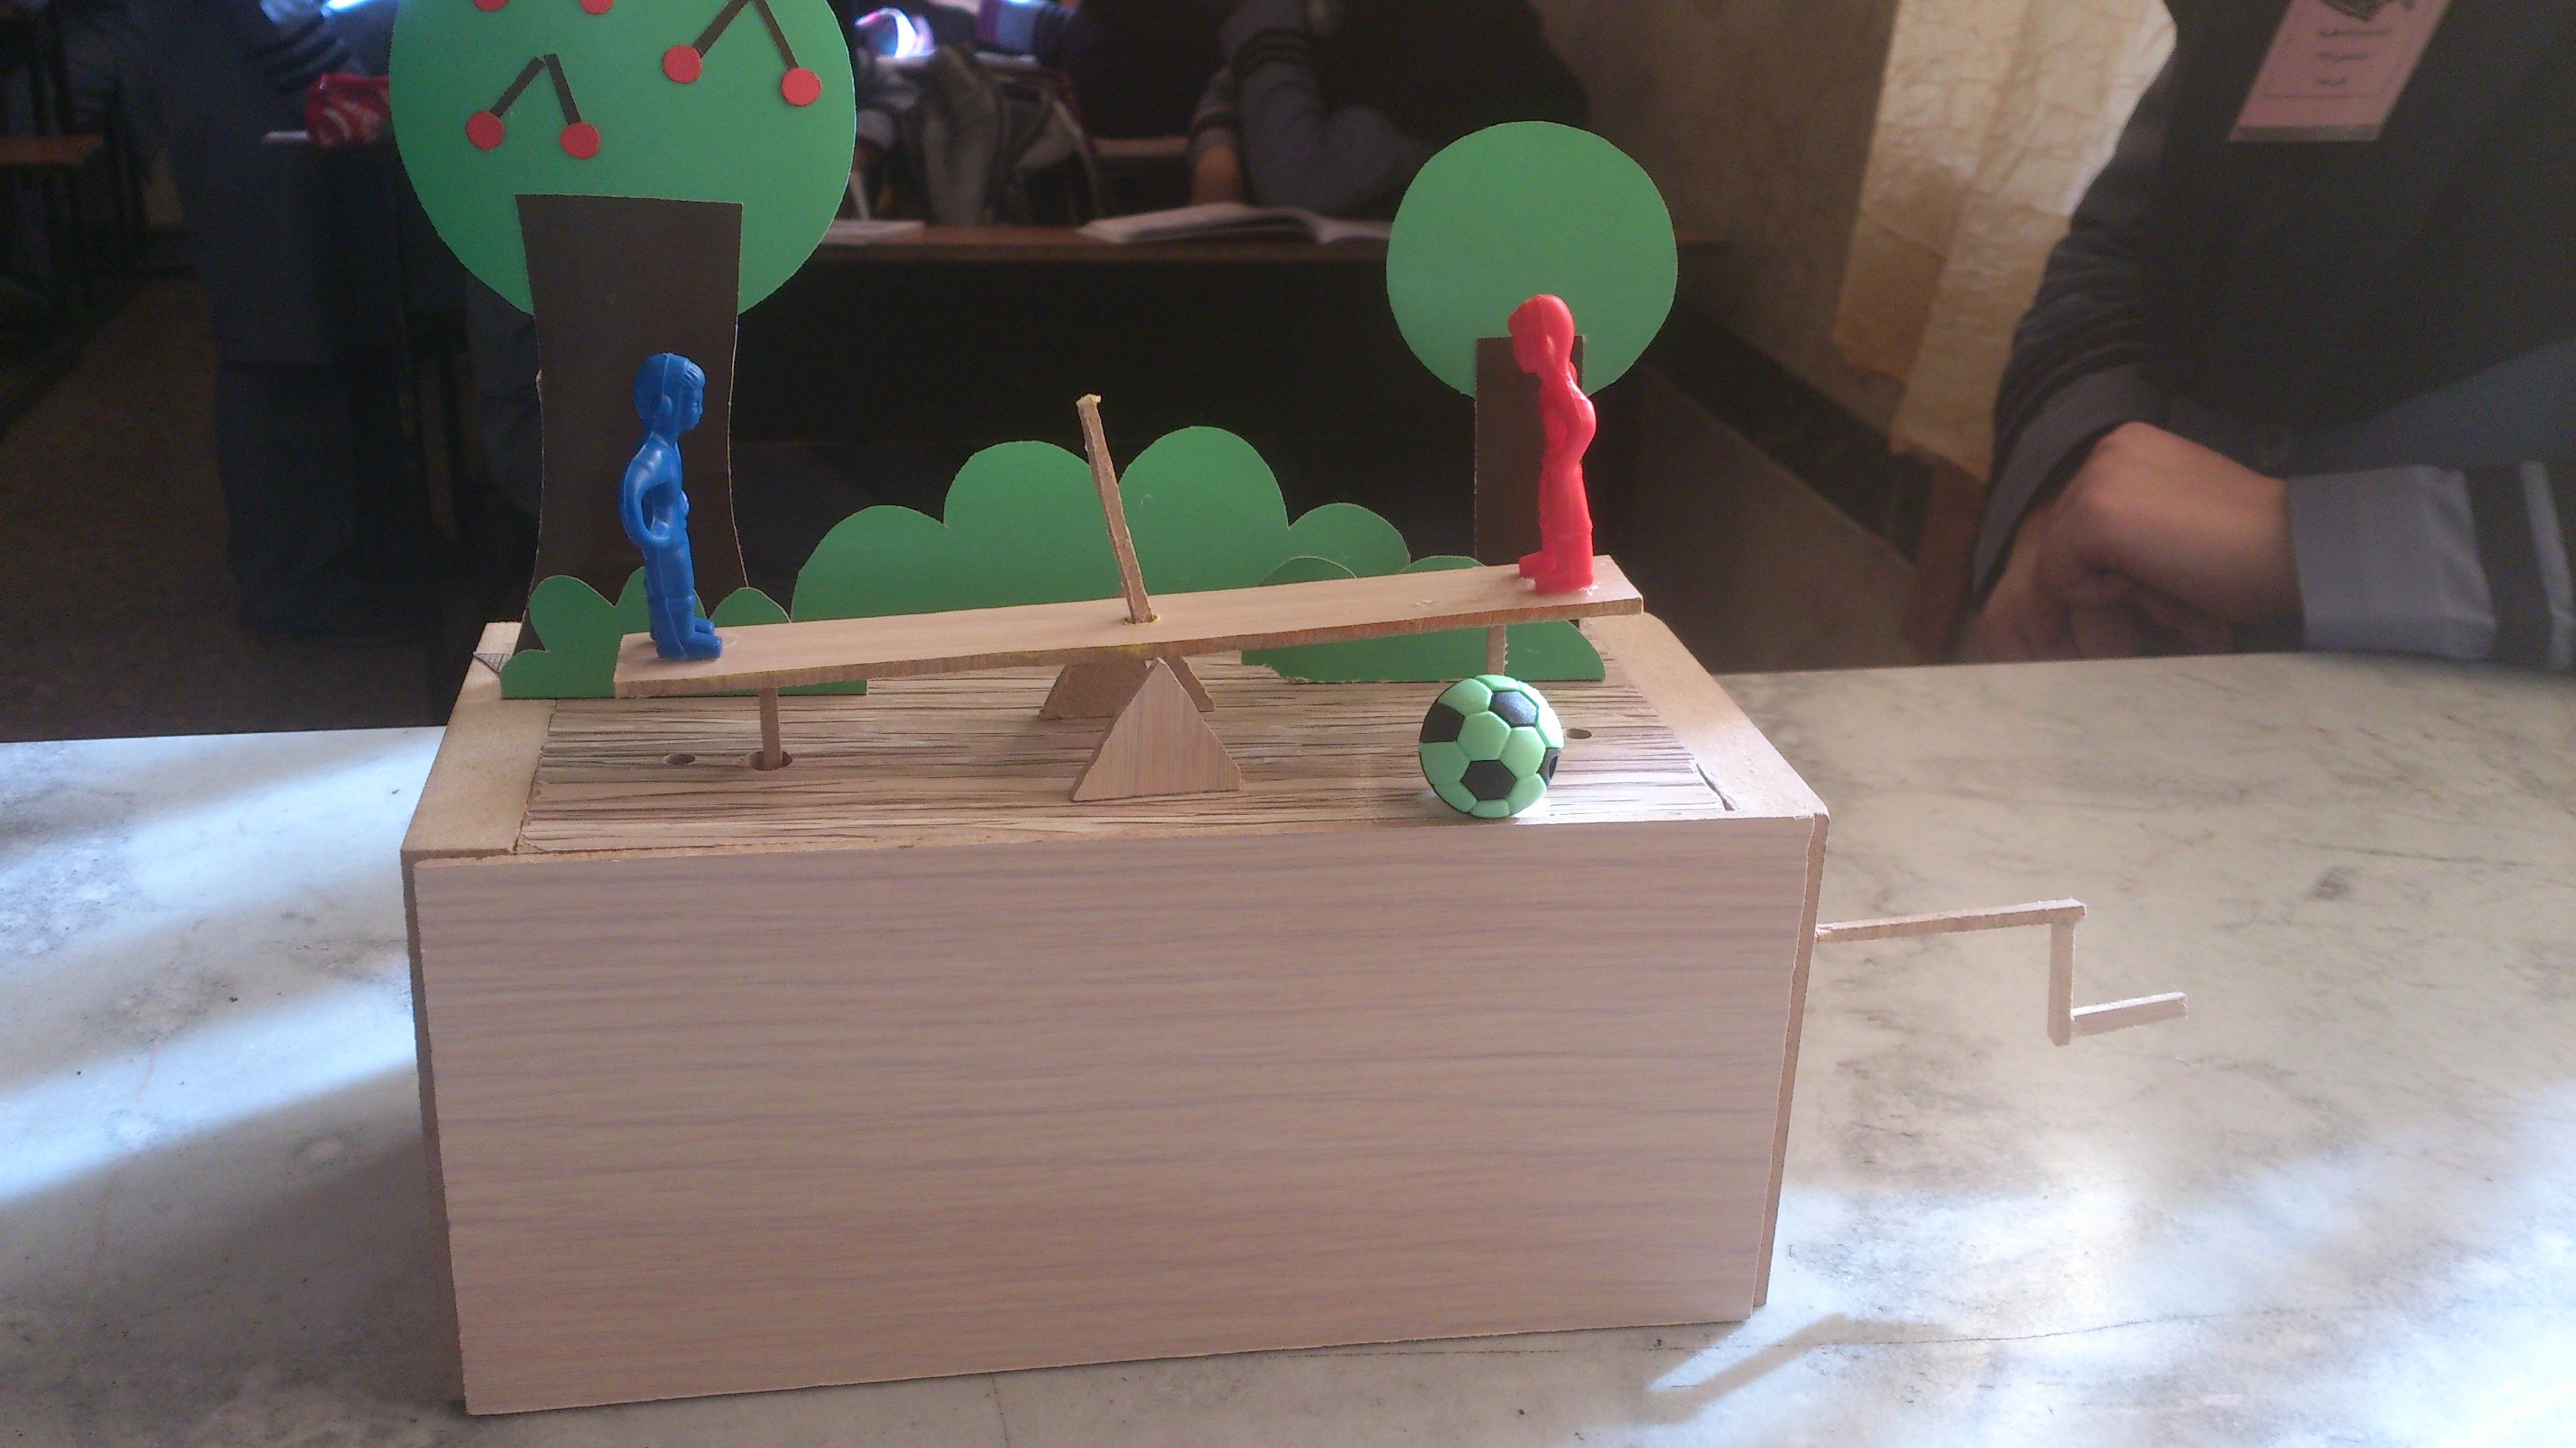 ساز کارهای حرکتی ساده ساز و کارهای حرکتی دانش آموزان :: مدرسه ی کار و فناوری